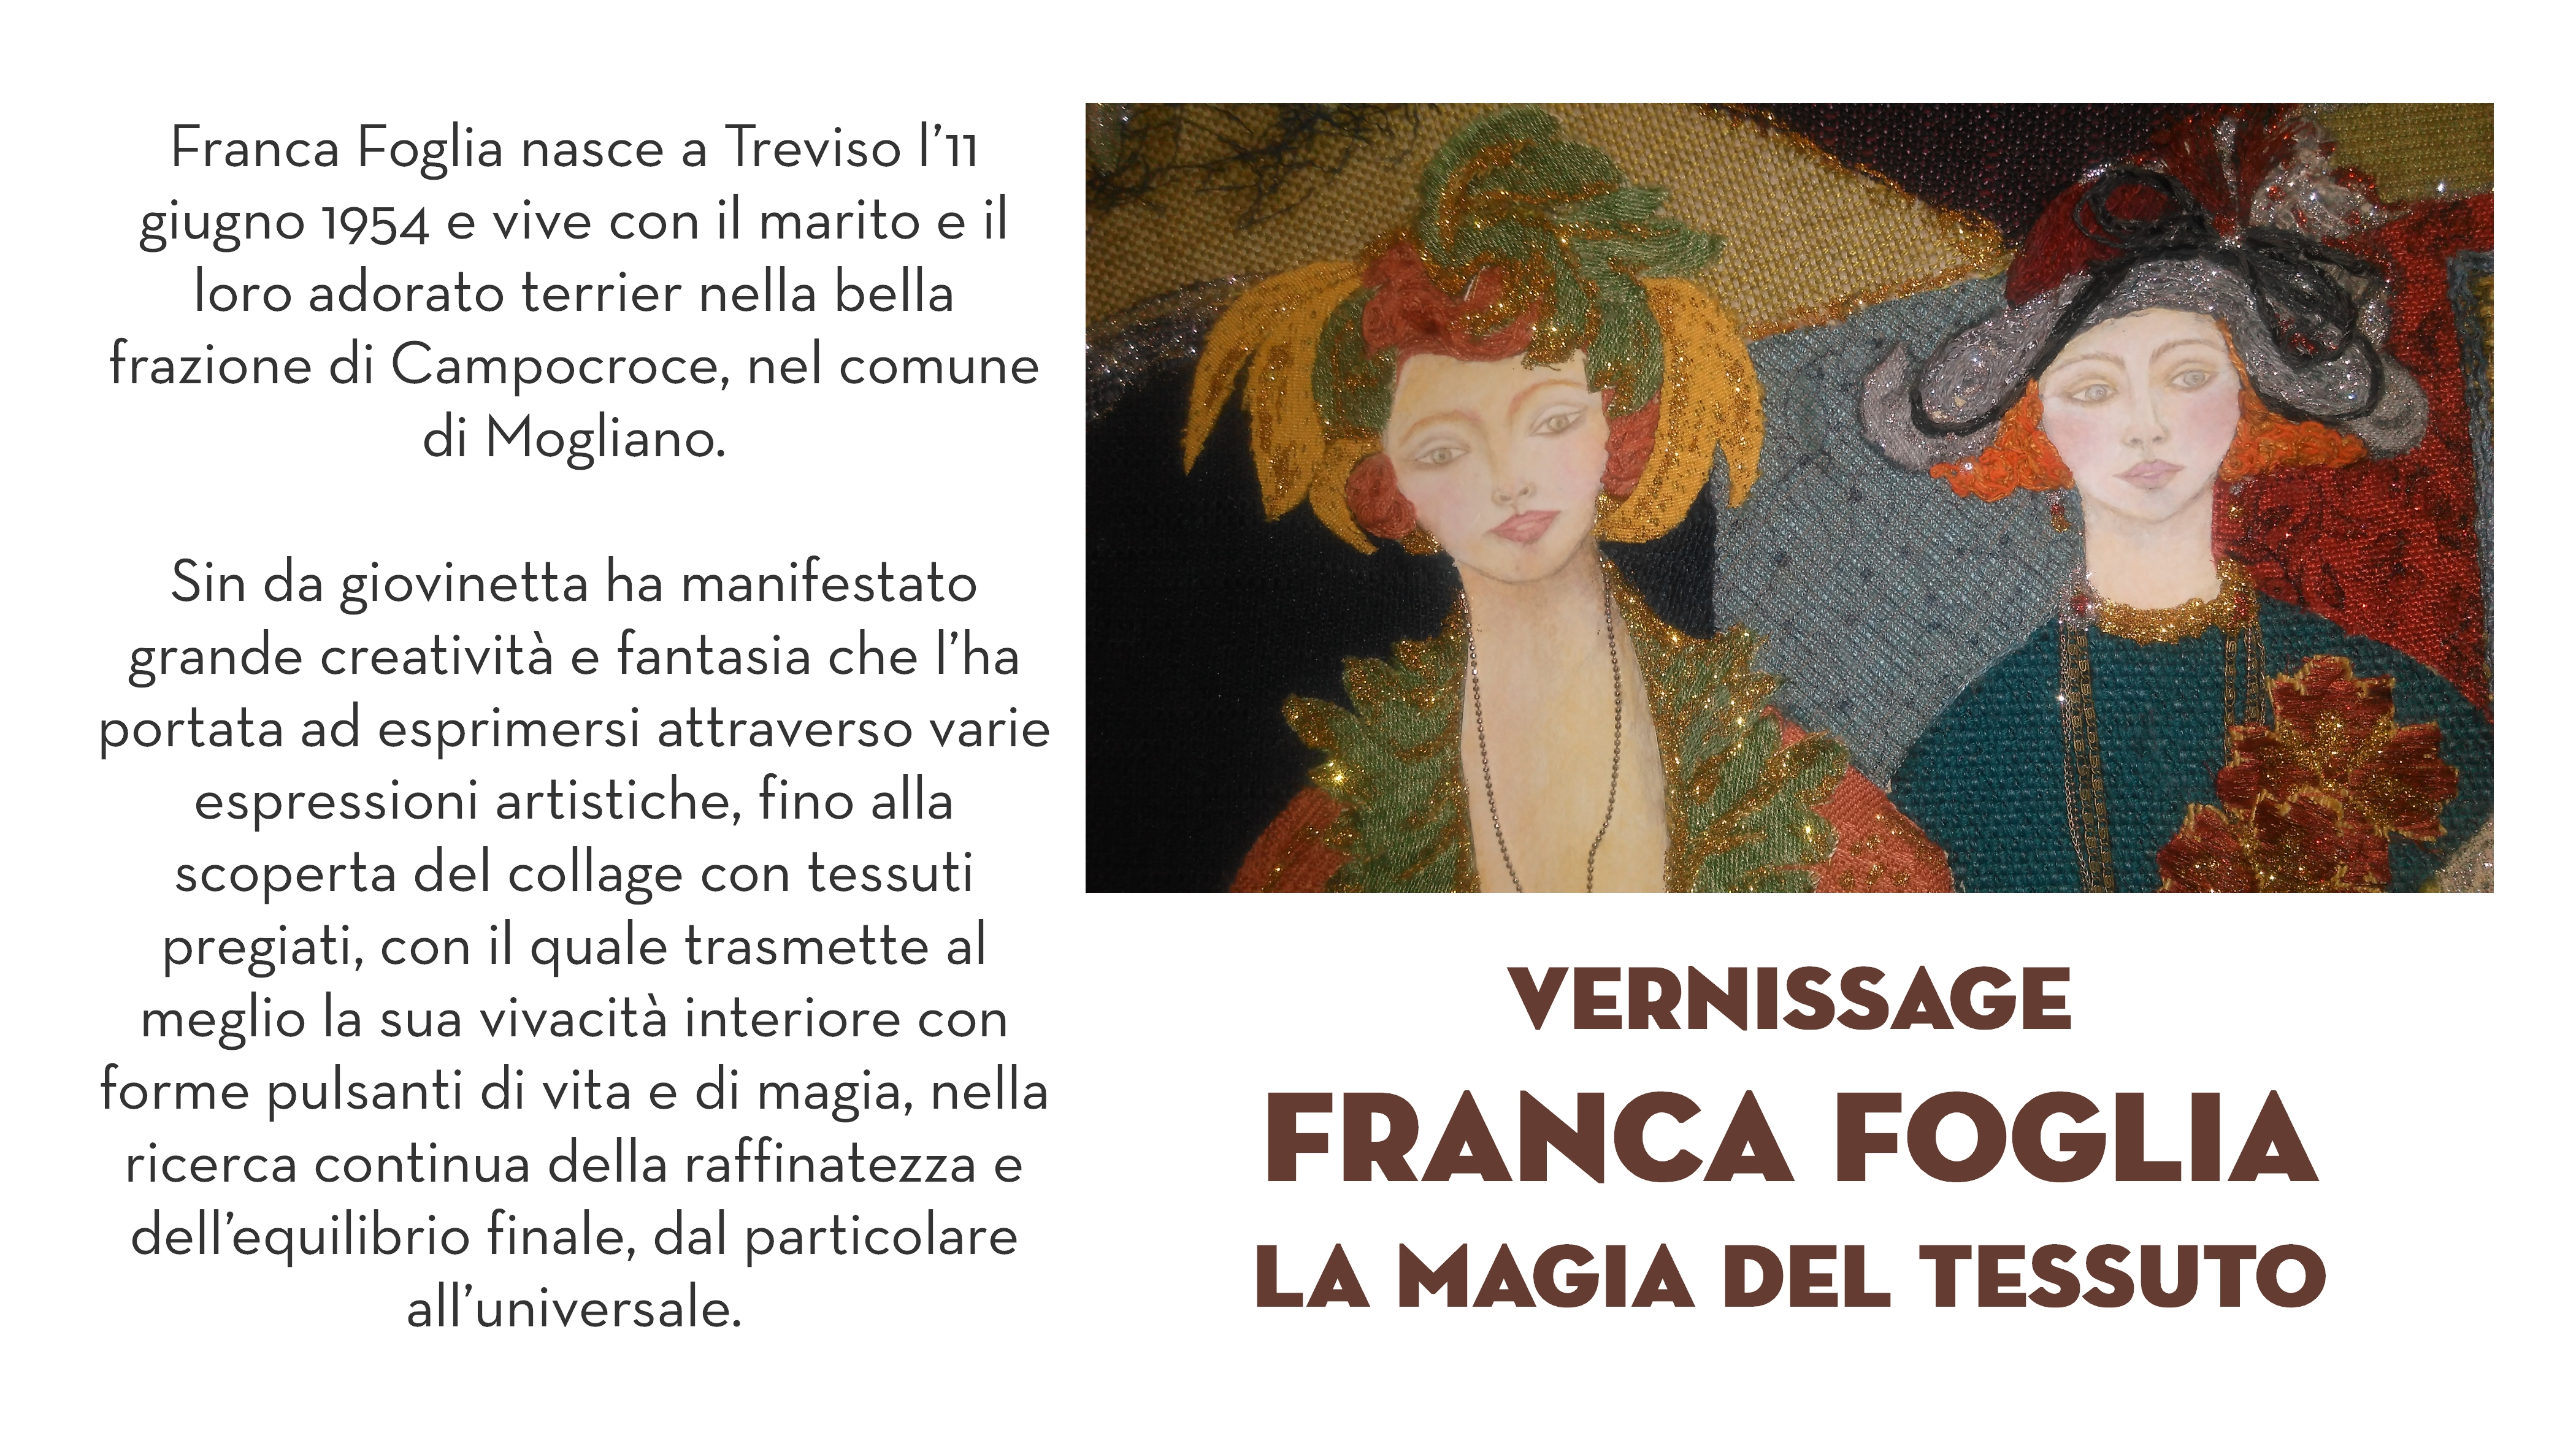 E0102_180124_Vernissage_FrancaFoglia_XSOC